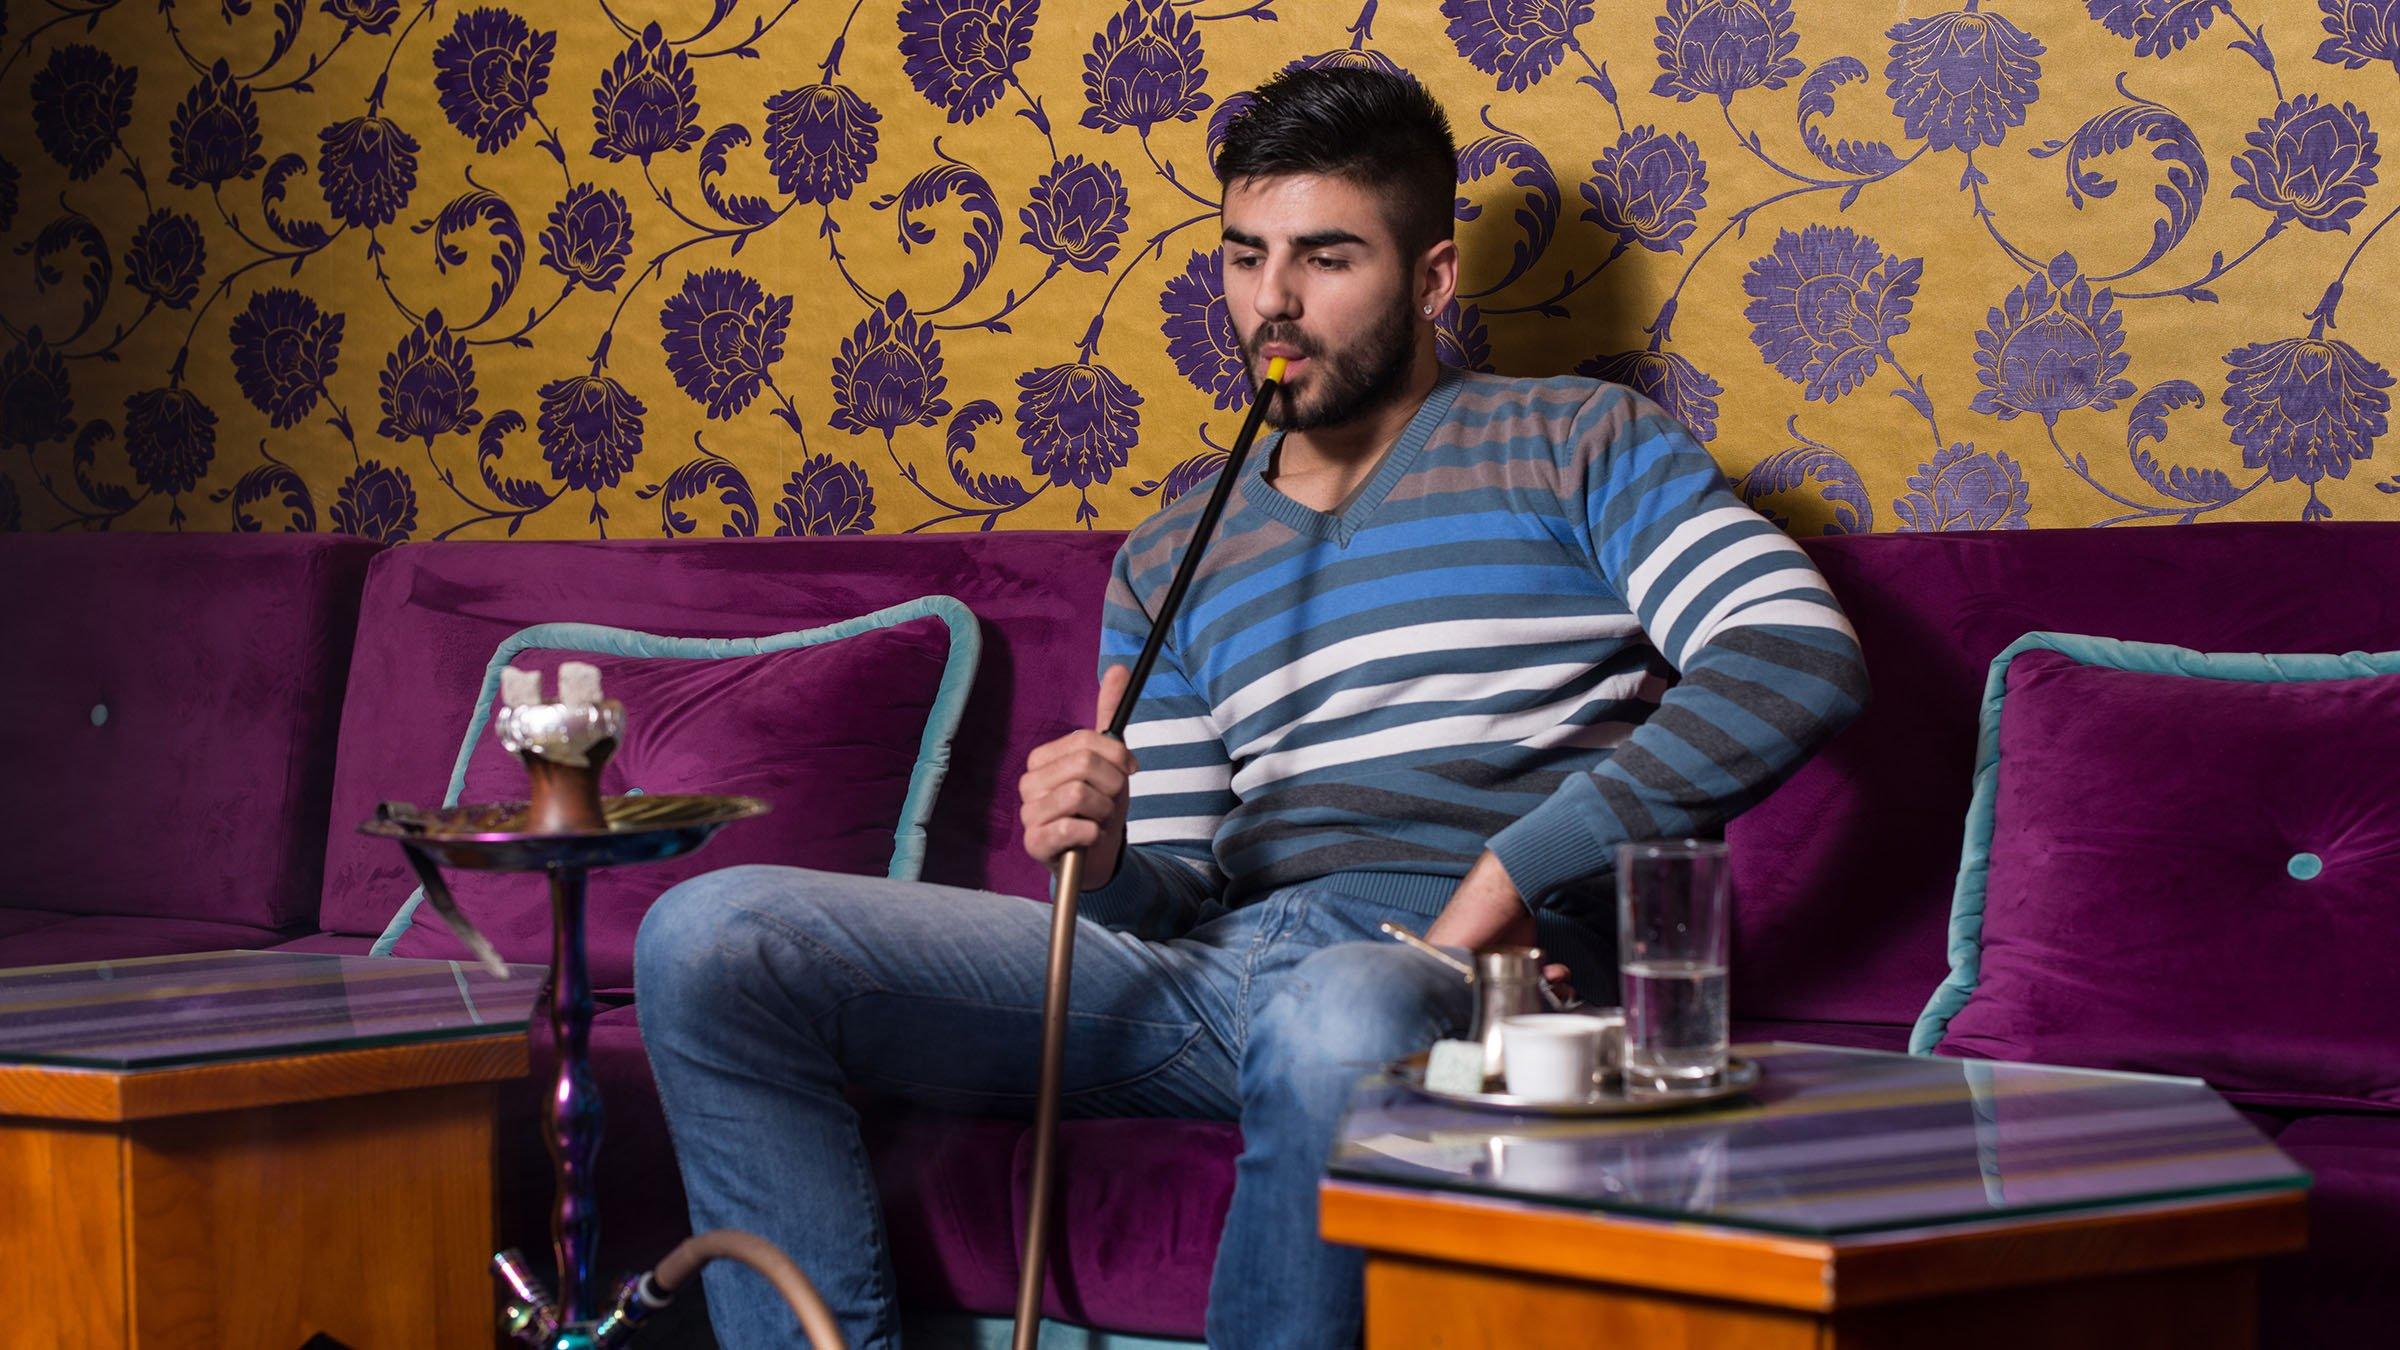 Fumando narguile